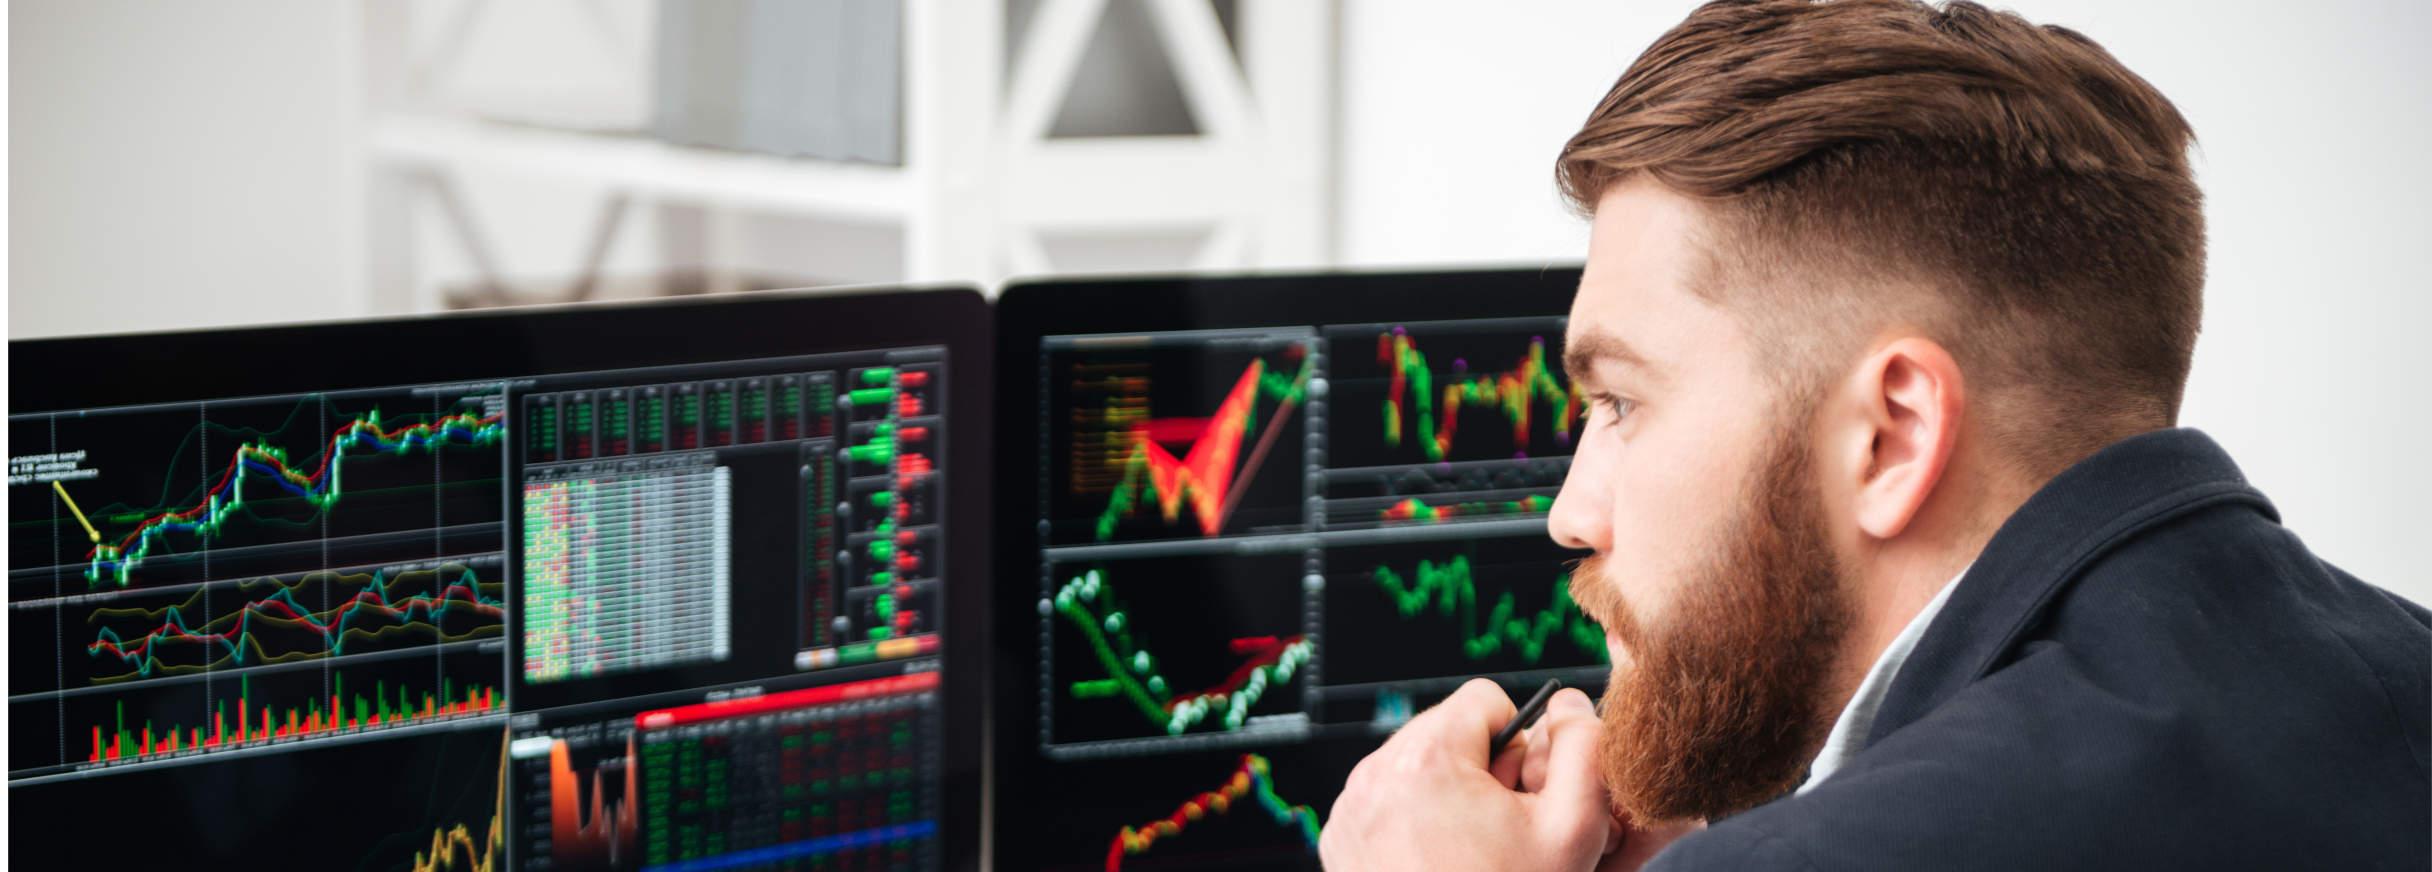 Investidores apontam forte tendência de venda de ações, mostra Bloomberg